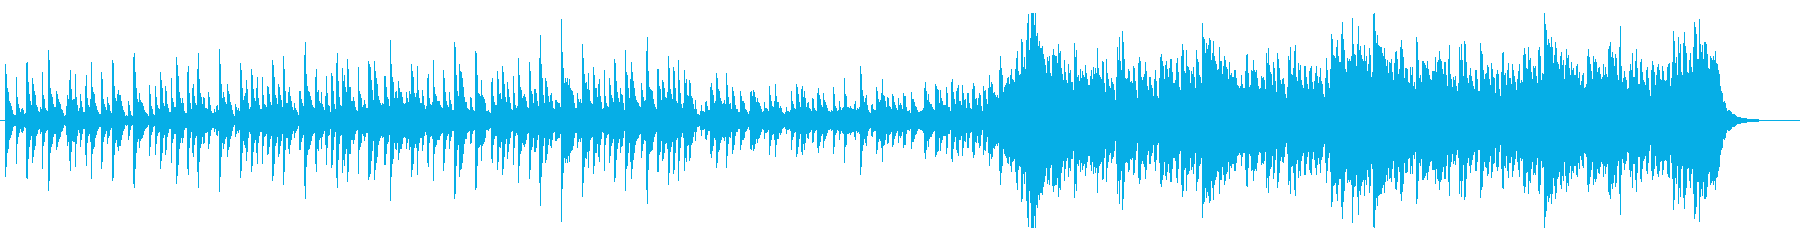 エスニック調の南国風楽曲壮大な展開ありの再生済みの波形